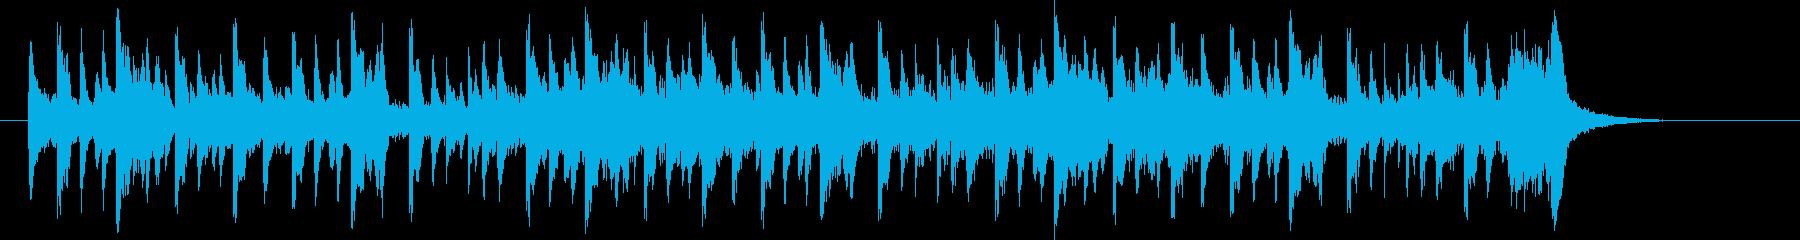 クールでロックなかっこいいジングル曲の再生済みの波形